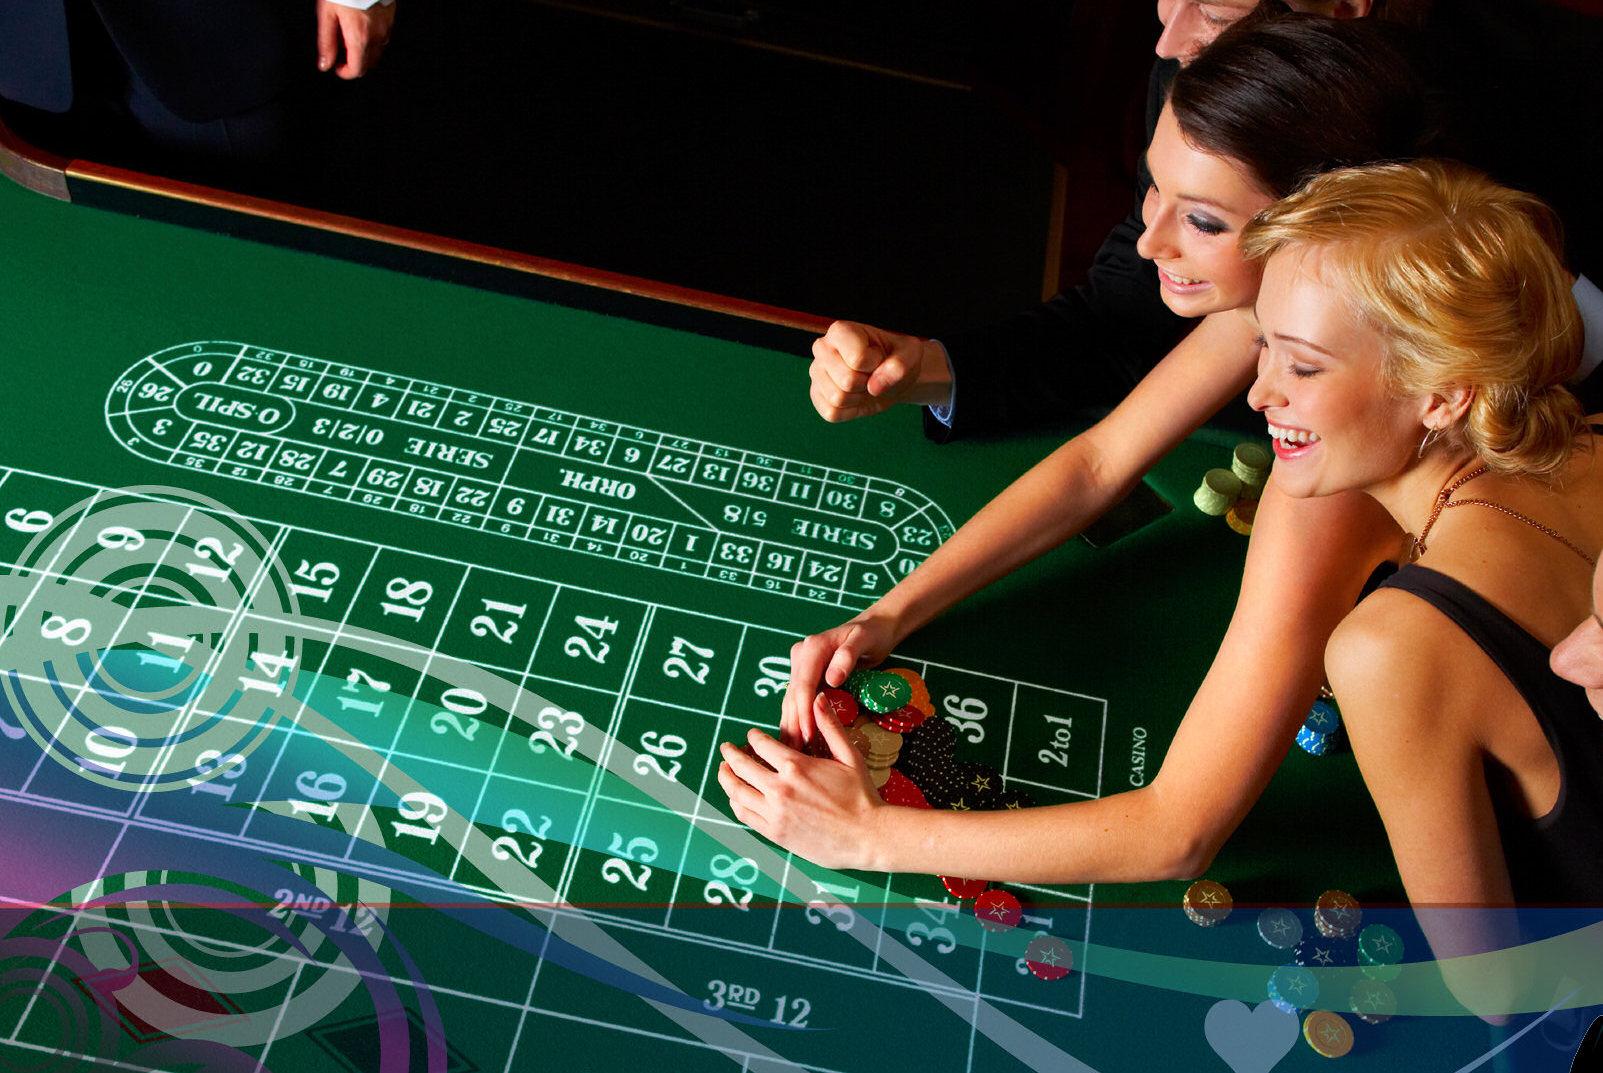 online casino per telefonrechnung bezahlen oneline casino